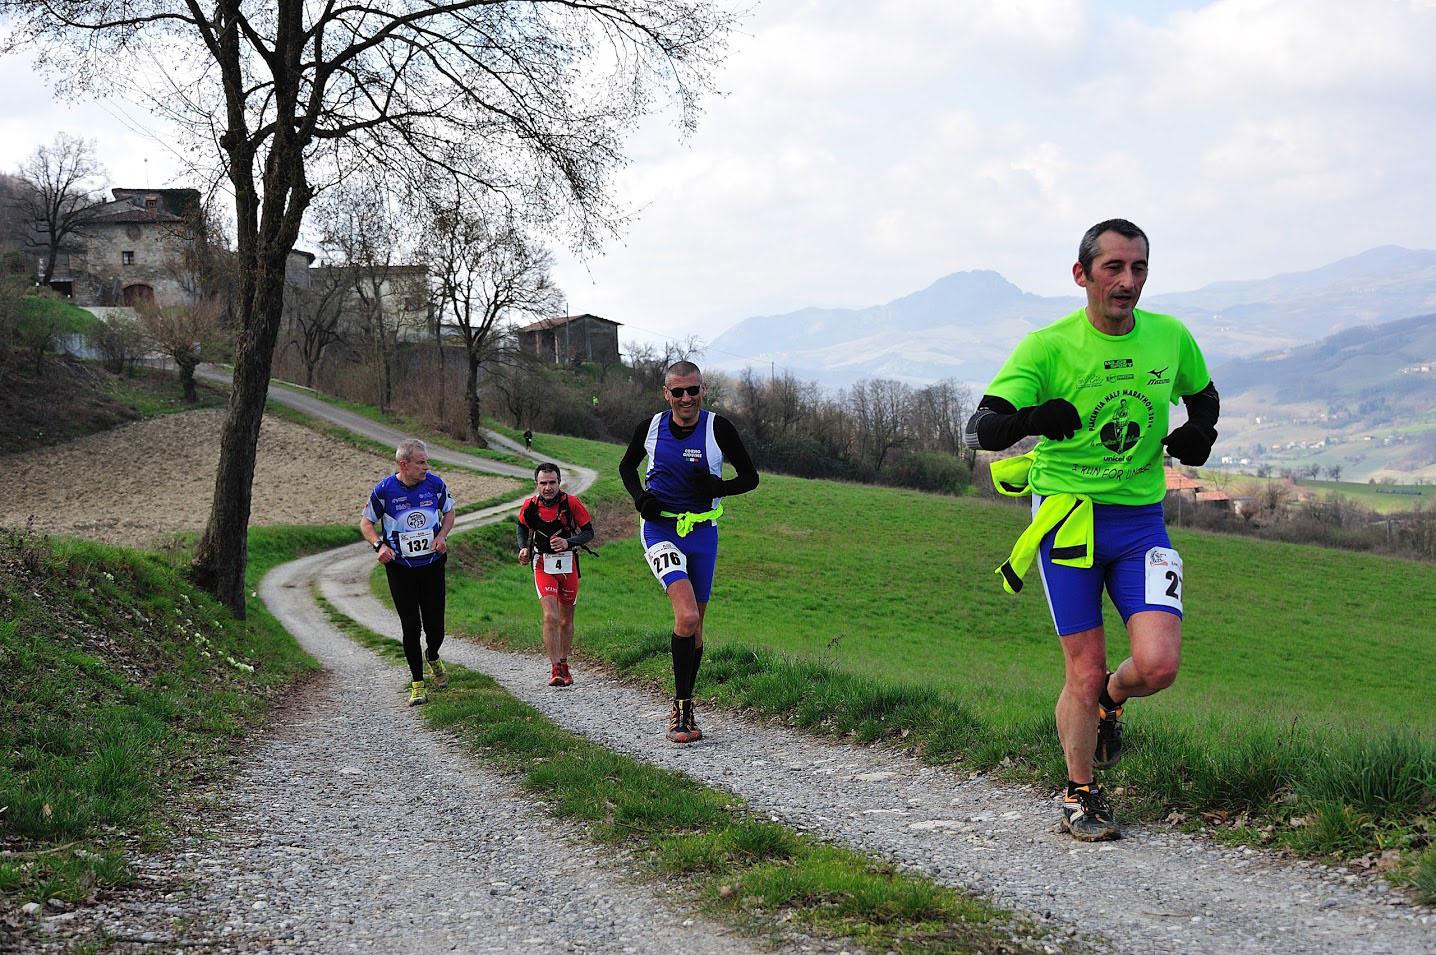 Corsa in montagna, domenica la seconda prova del campionato provinciale